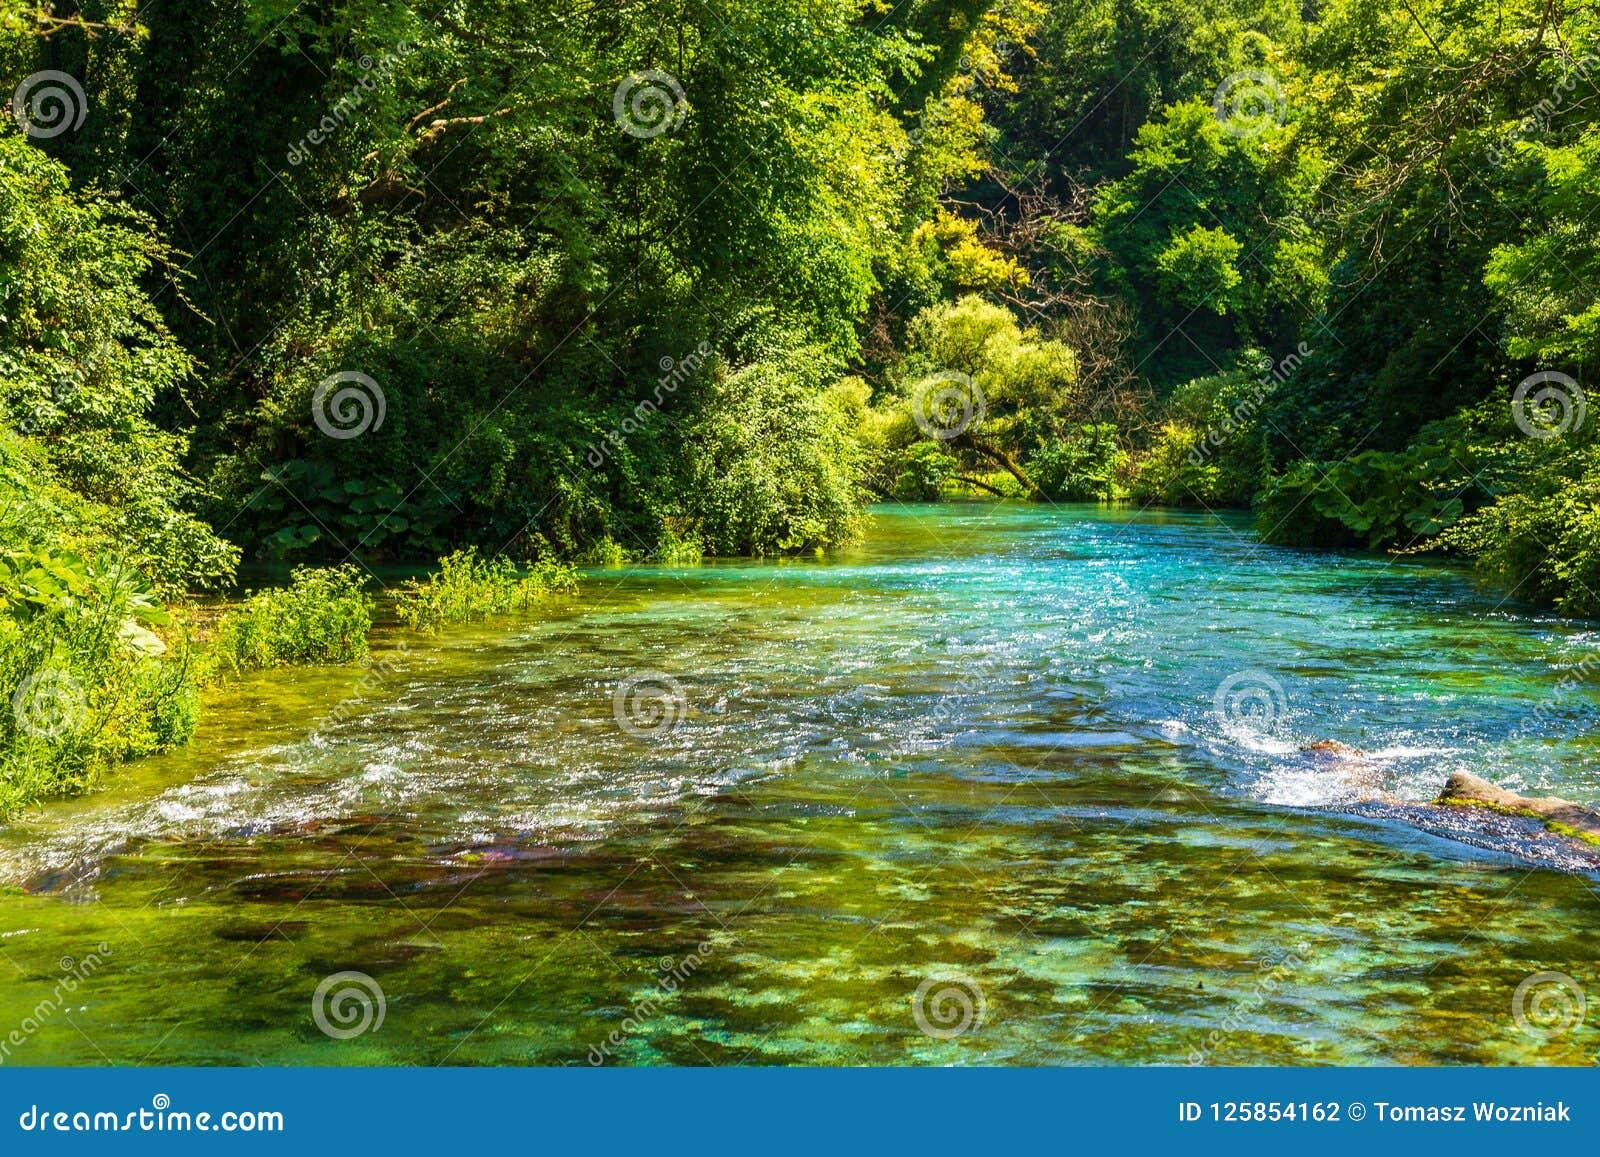 Turkusowy wiosny niebieskie oko - Syri ja Kalter, blisko miasteczka Muzine, Albania